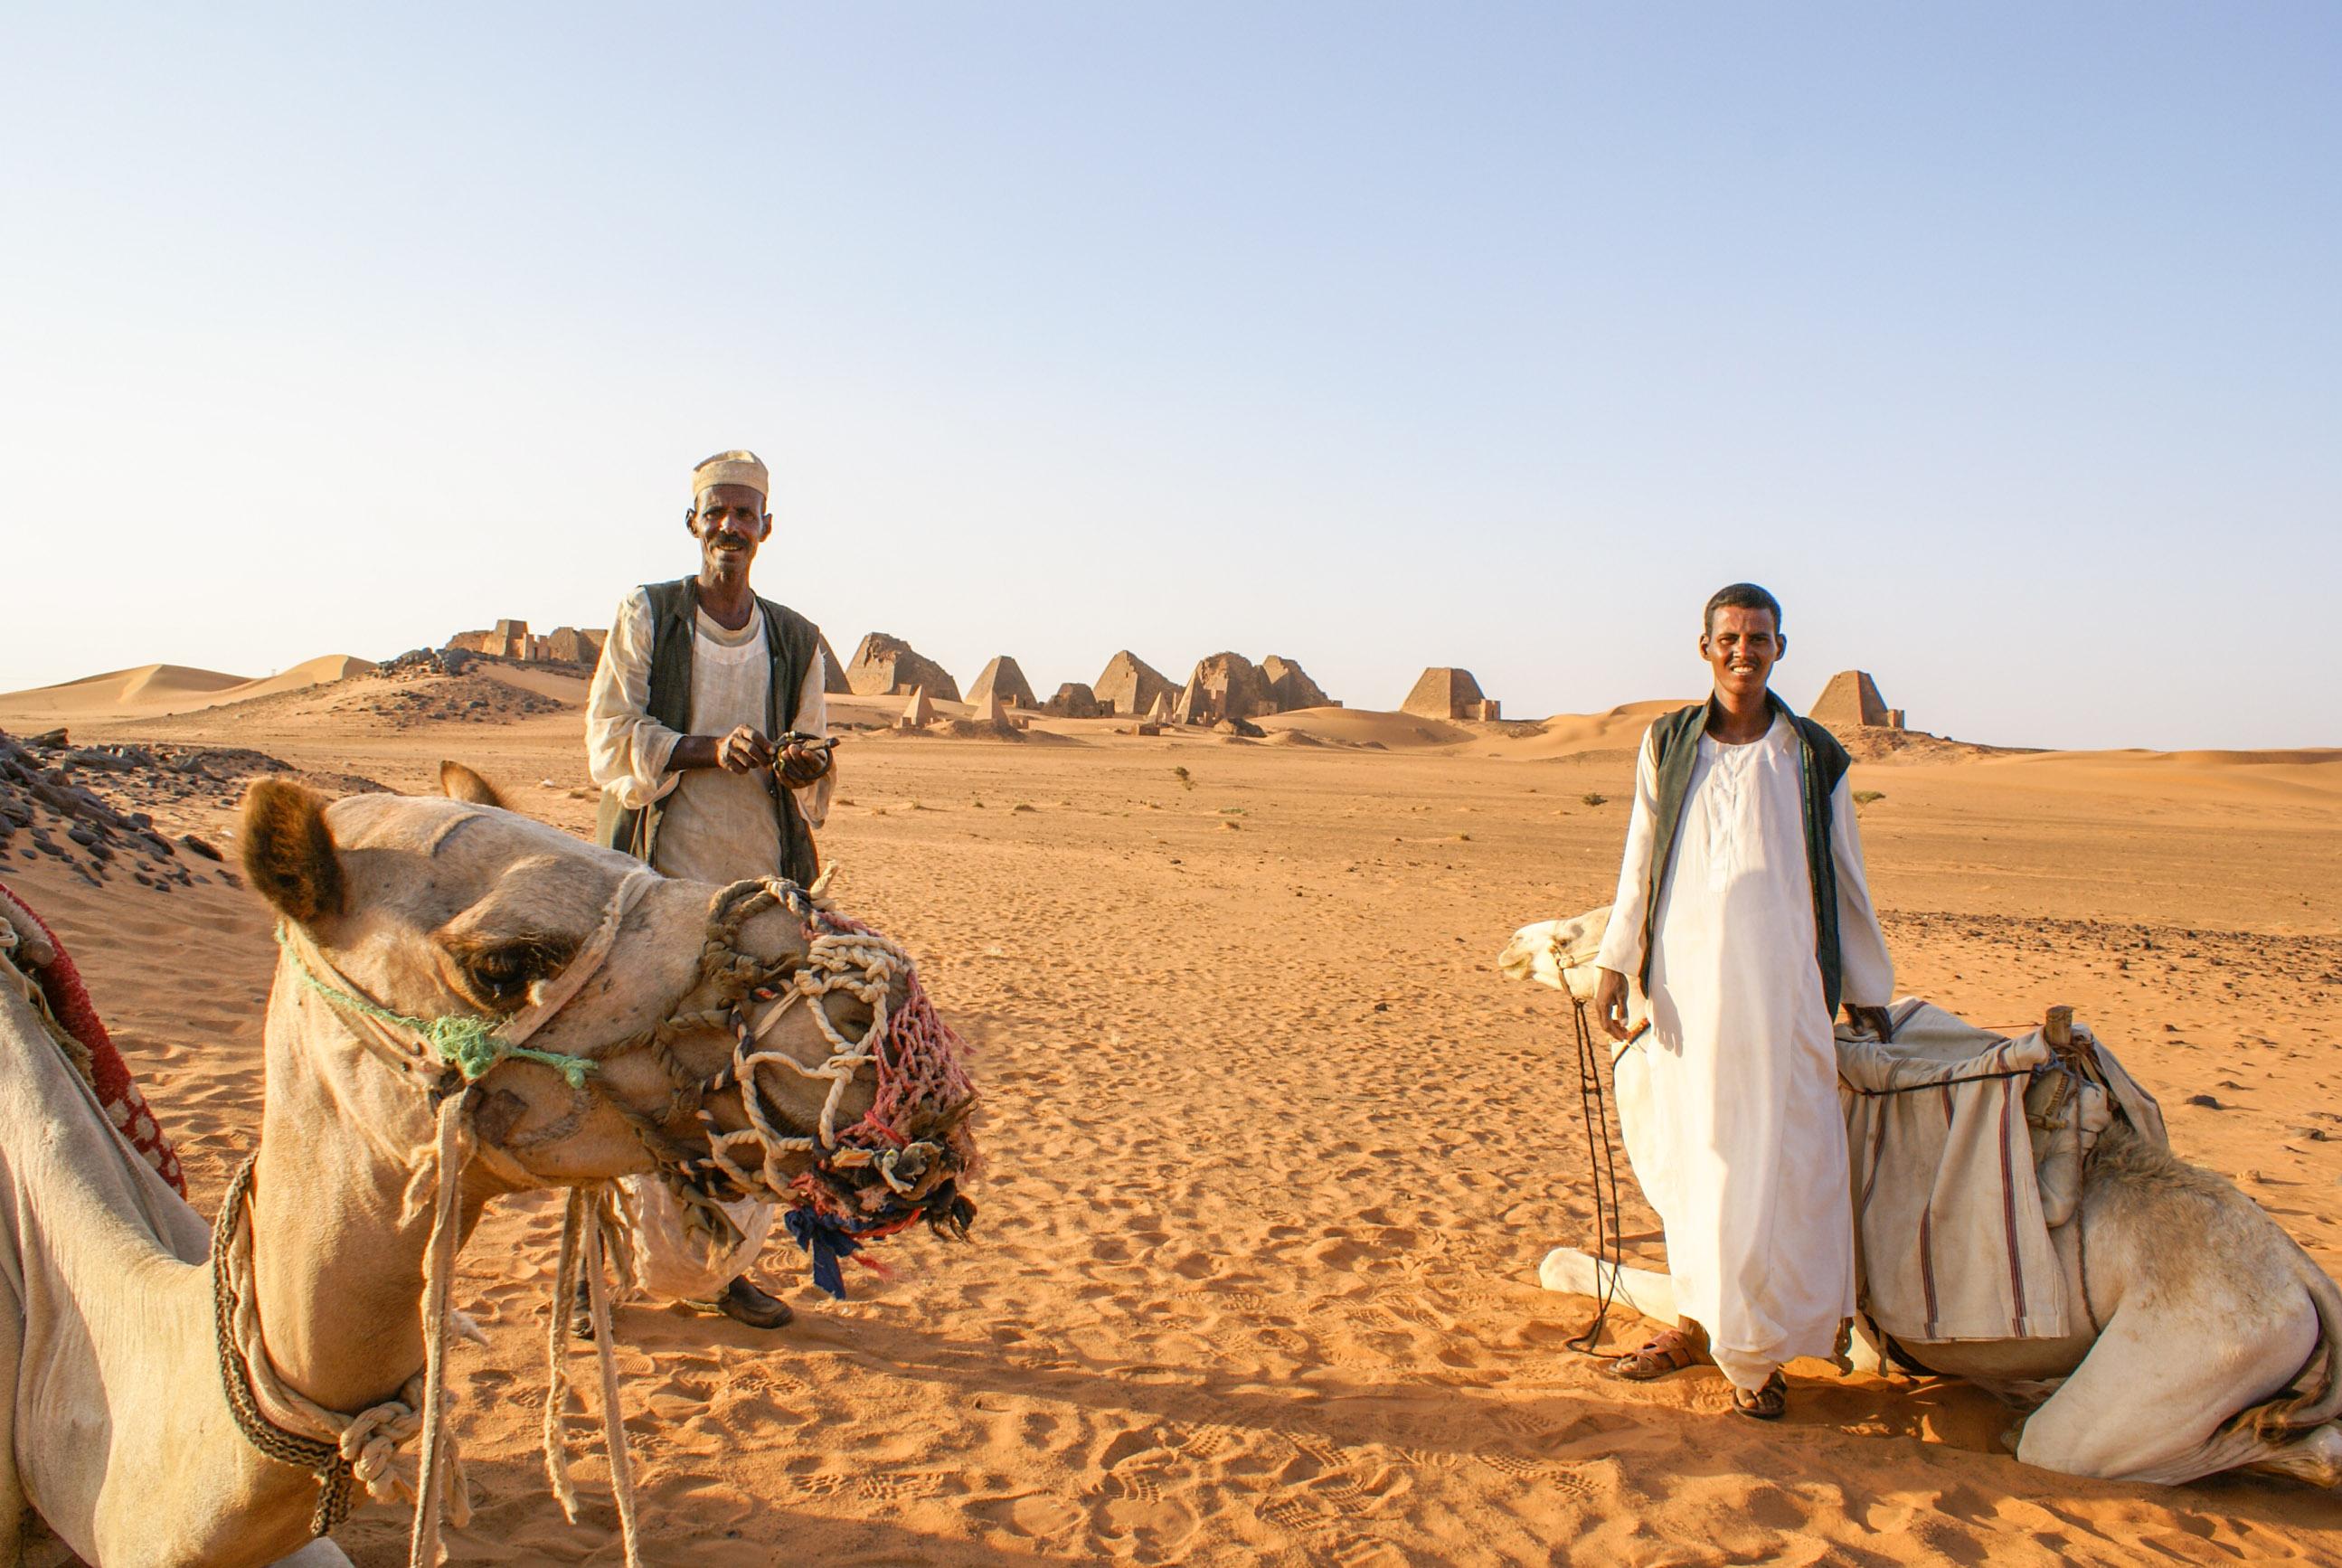 https://bubo.sk/uploads/galleries/17820/lubosfellner_sudan_pyramidy-a-tu-sme-spali-boli-sme-uplne-samy-4-.jpg